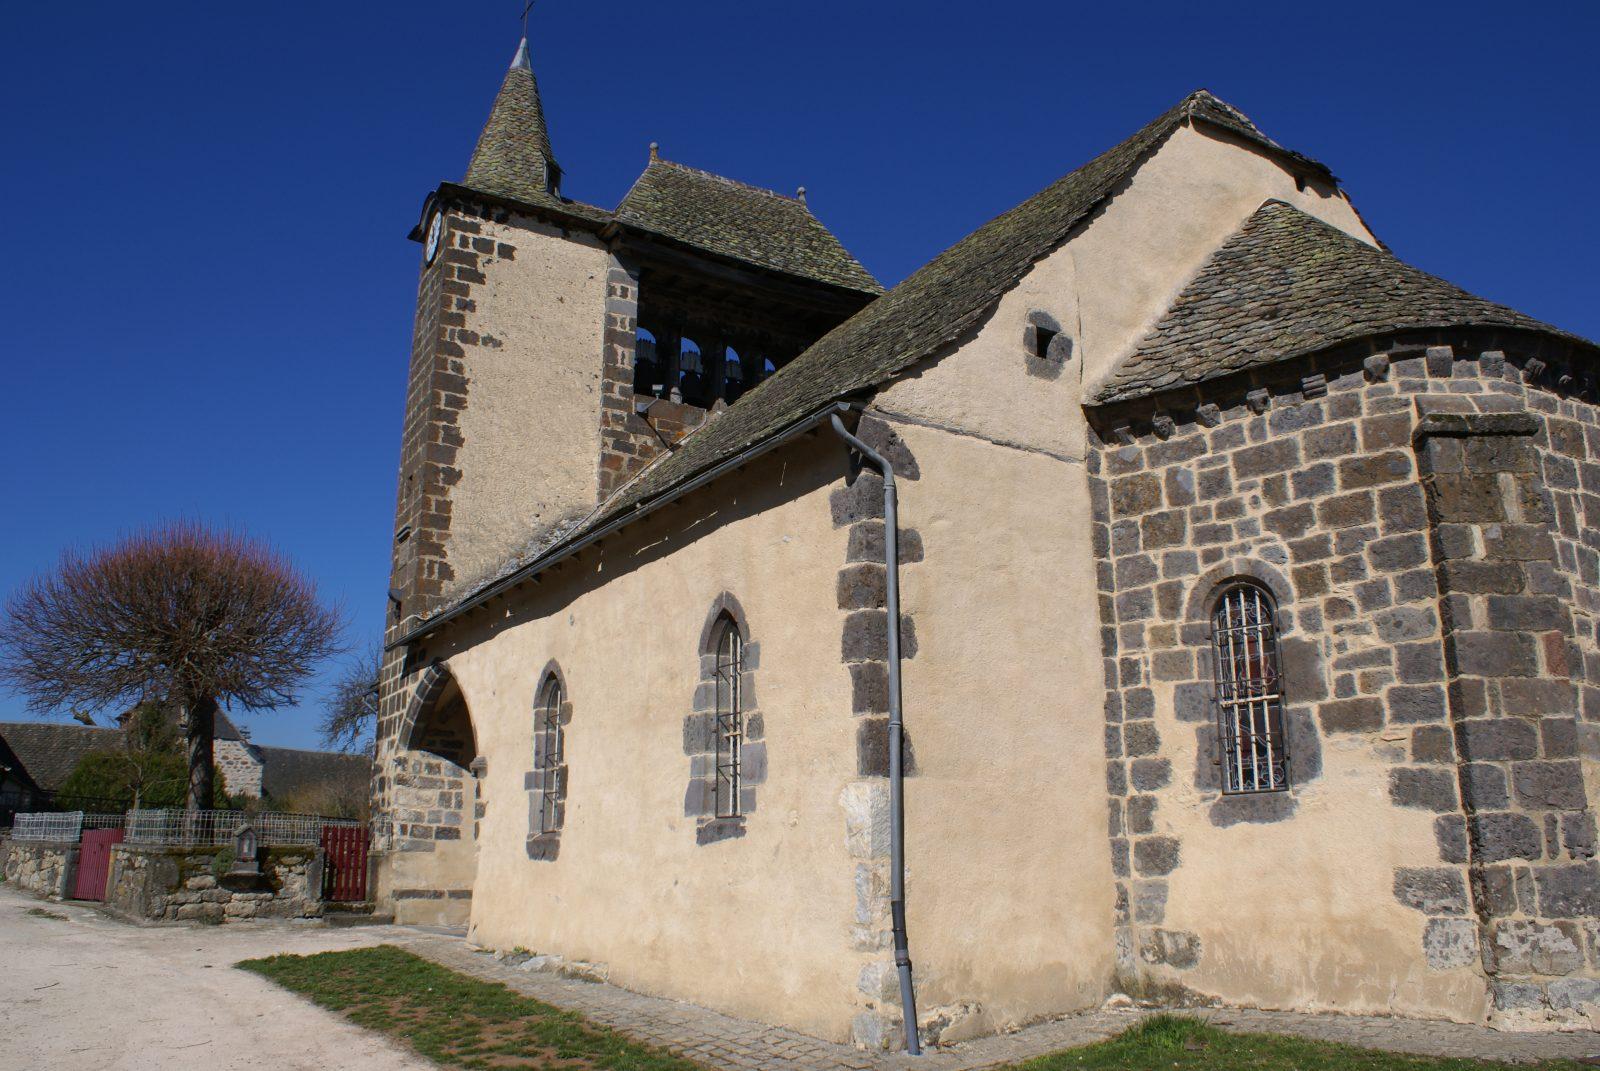 Church of Sainte-Marie-6